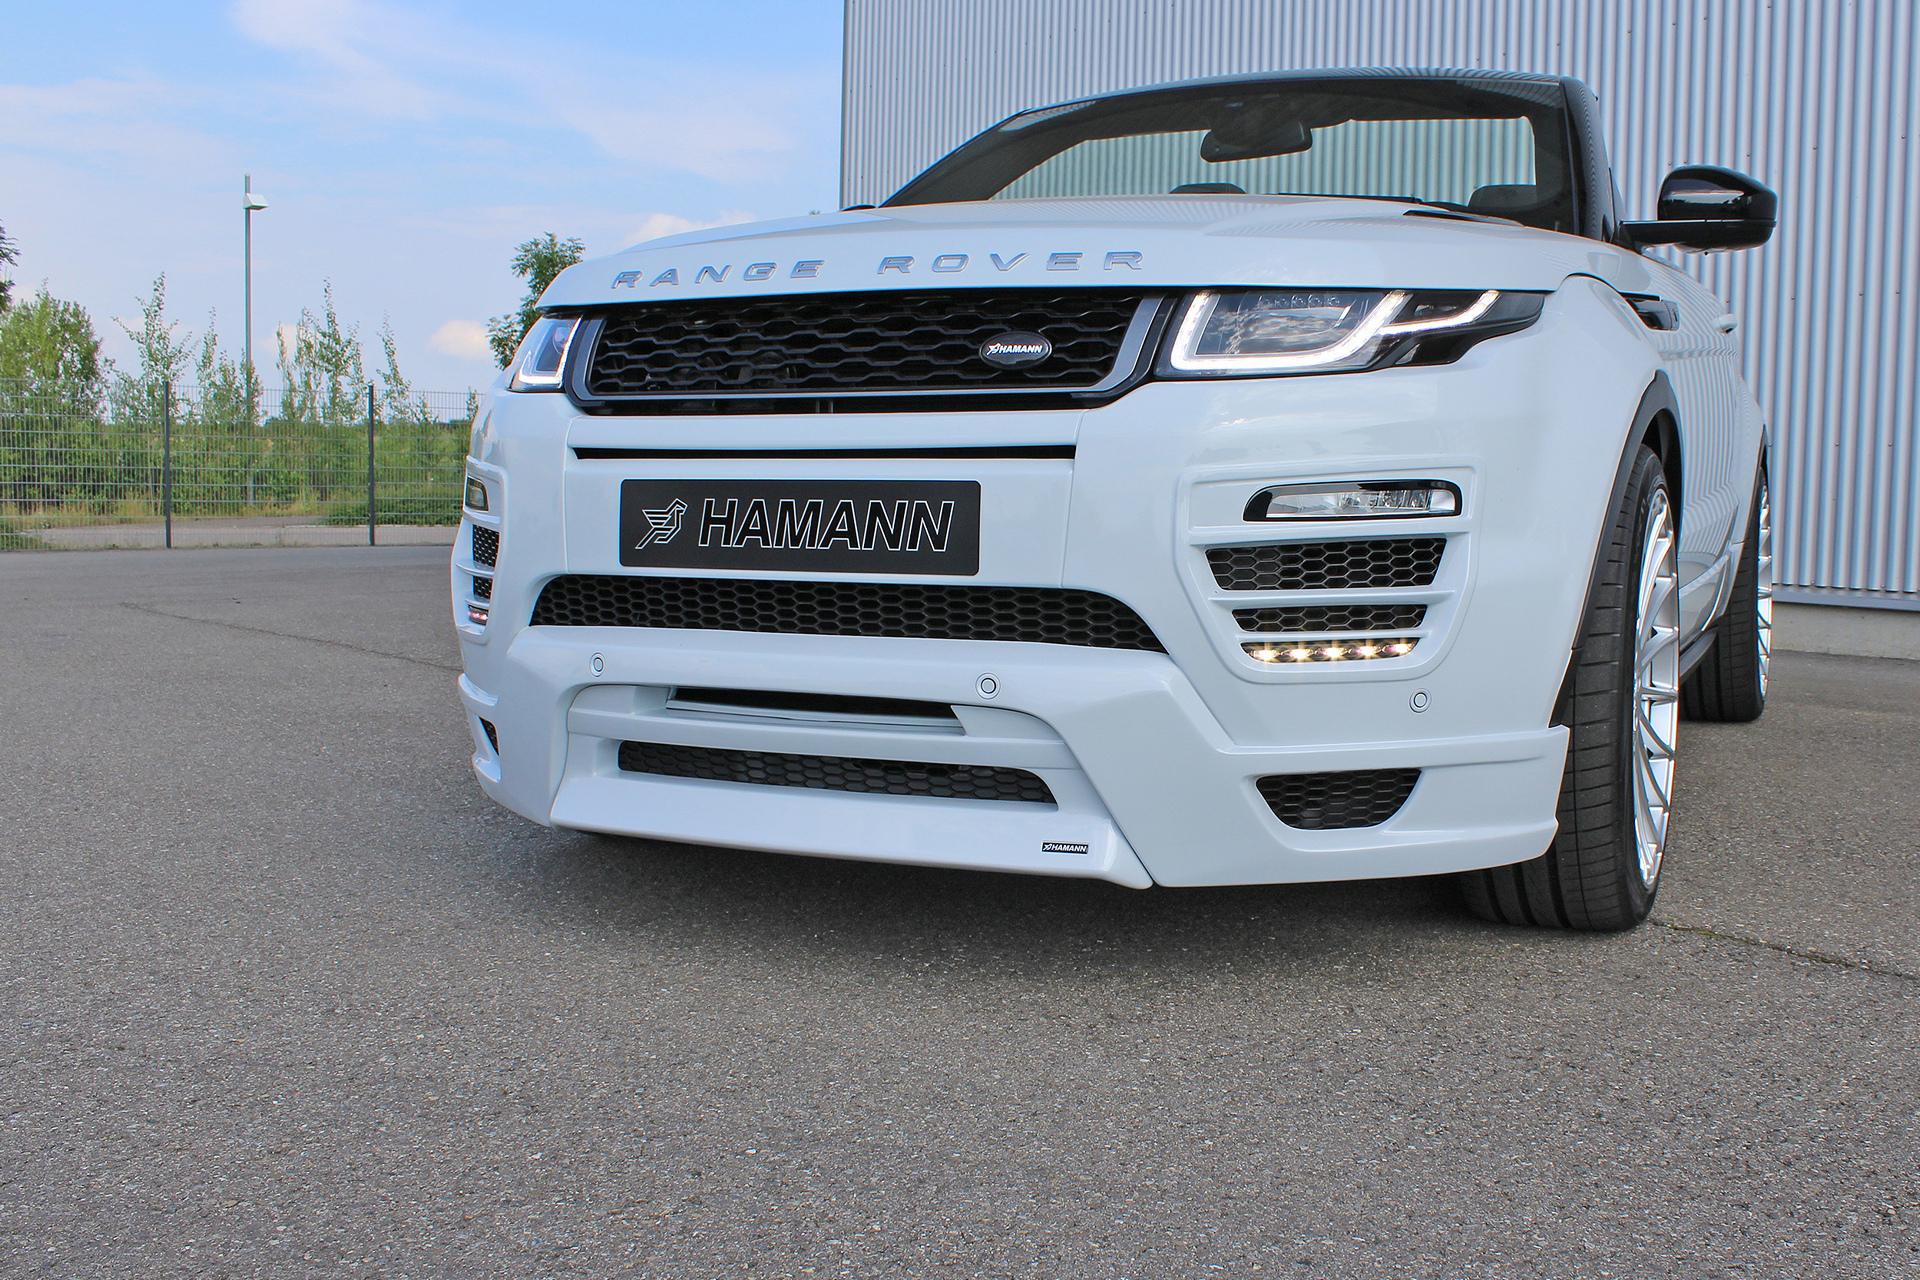 Range Rover Evoque Convertible © Hamann Motorsport GmbH